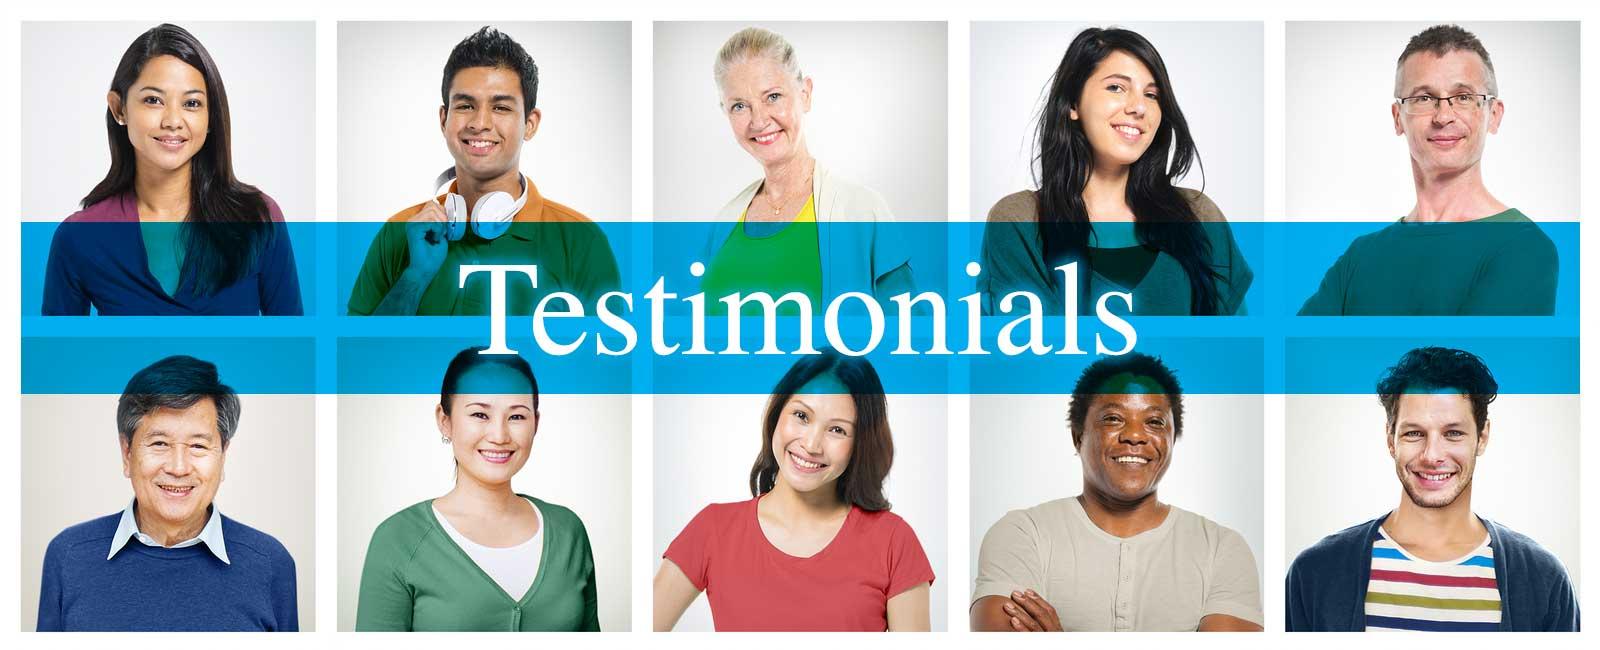 Rentals Testimonials Dd526a529b793fa98ac44dcf3365acc8